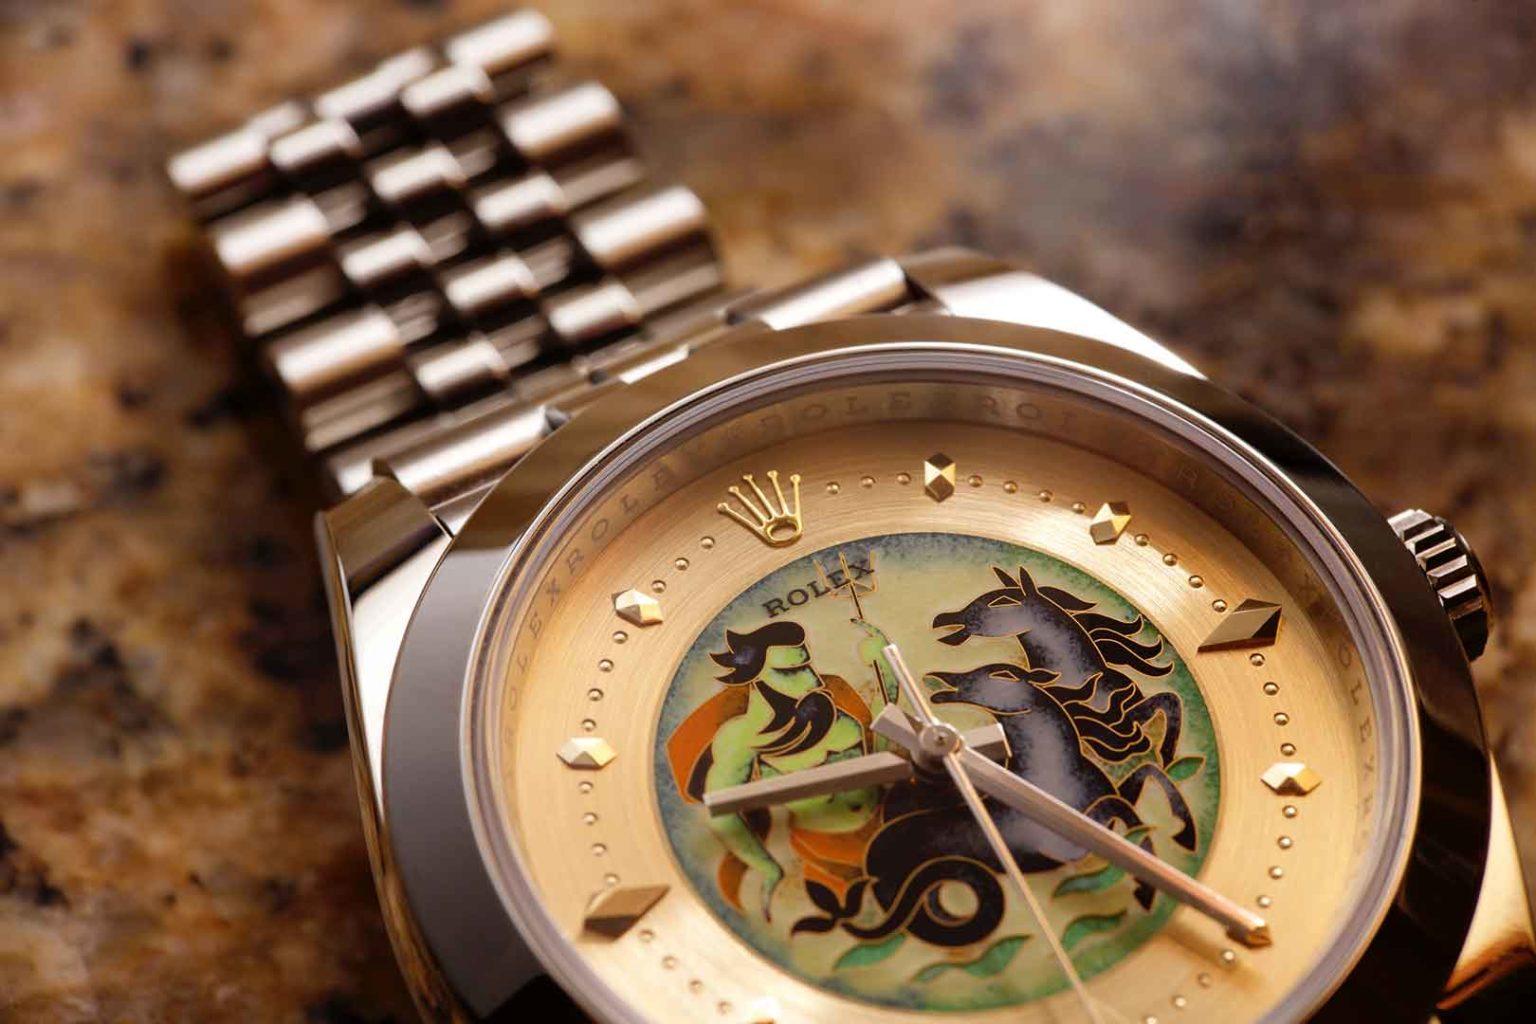 Đắm chìm trong nghệ thuật tráng men đỉnh cao trên chiếc đồng hồ Rolex đặc biệt